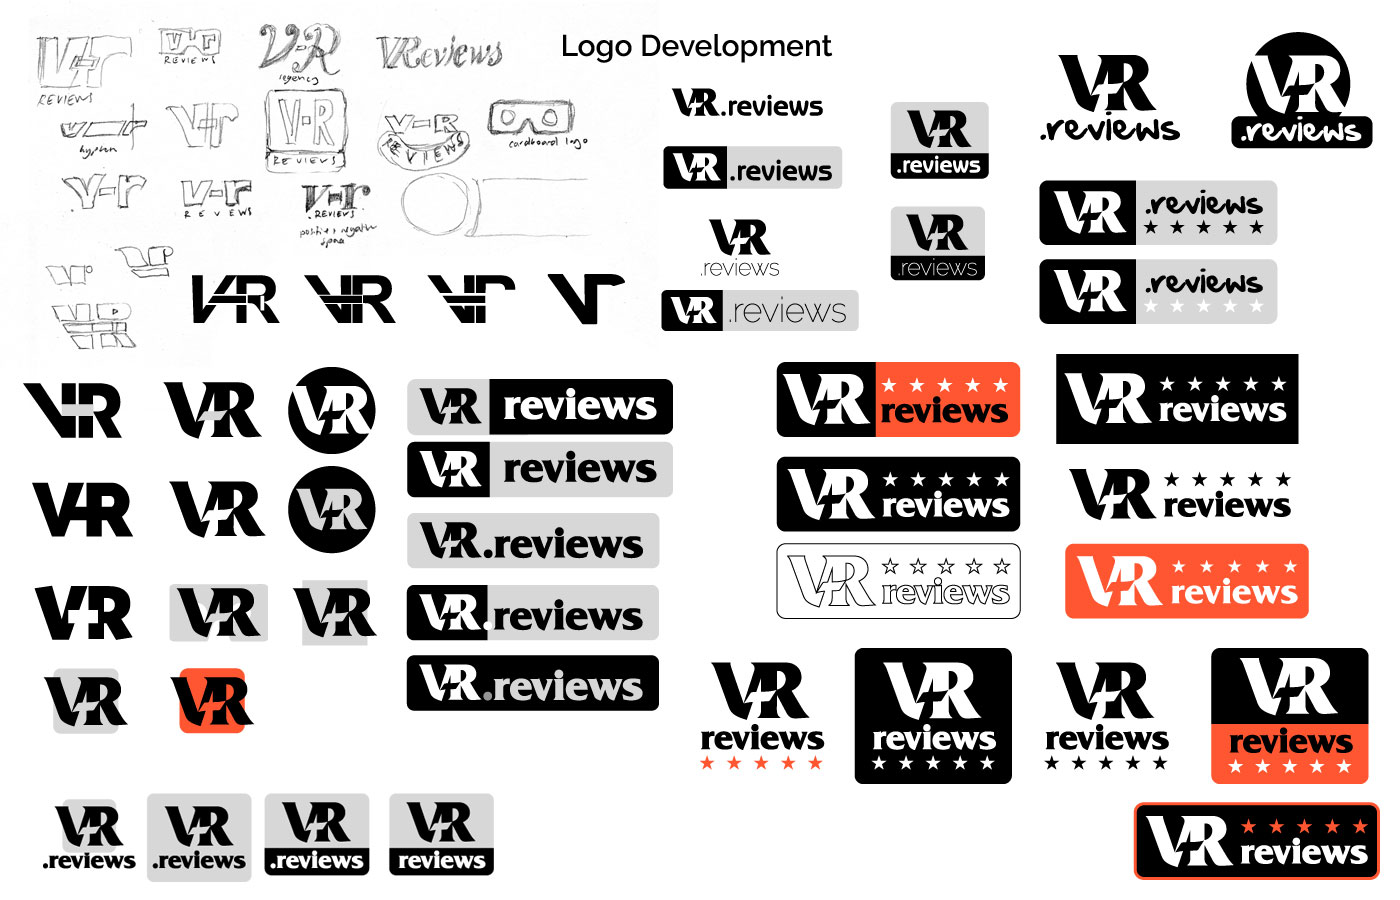 v-r reviews - logo development